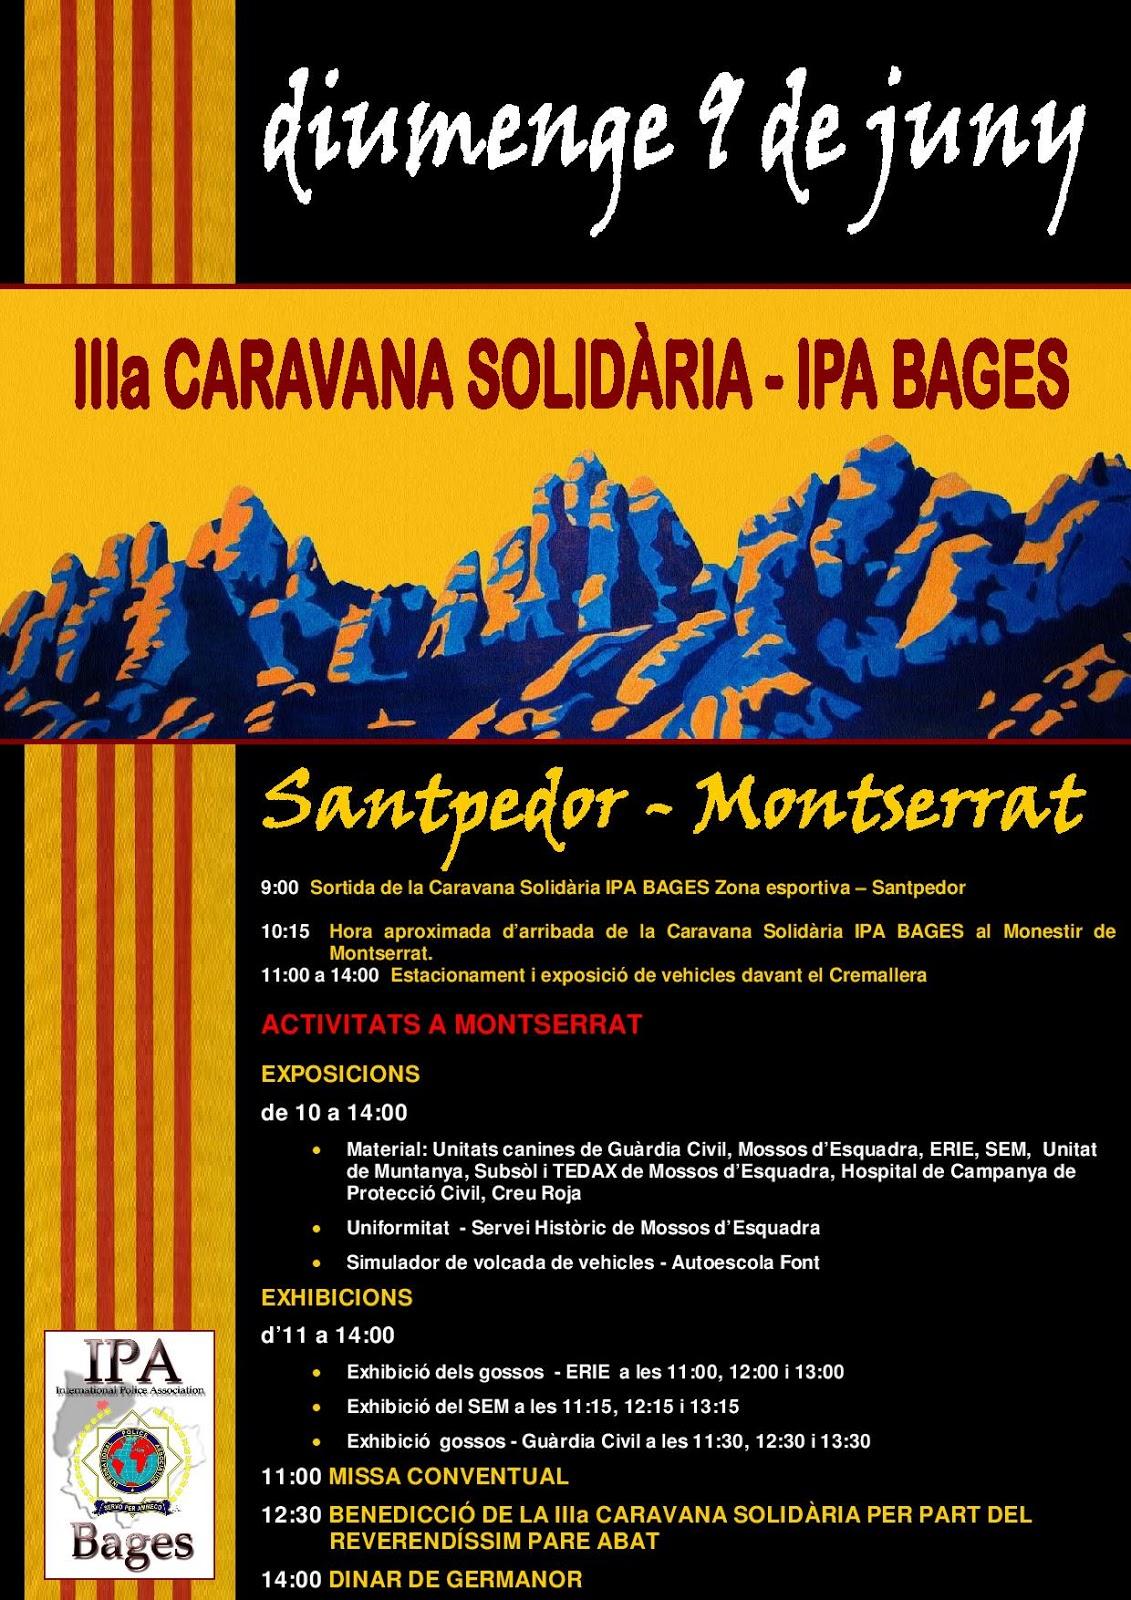 Iii caravana solid ria creu roja manresa for Piscina municipal manresa